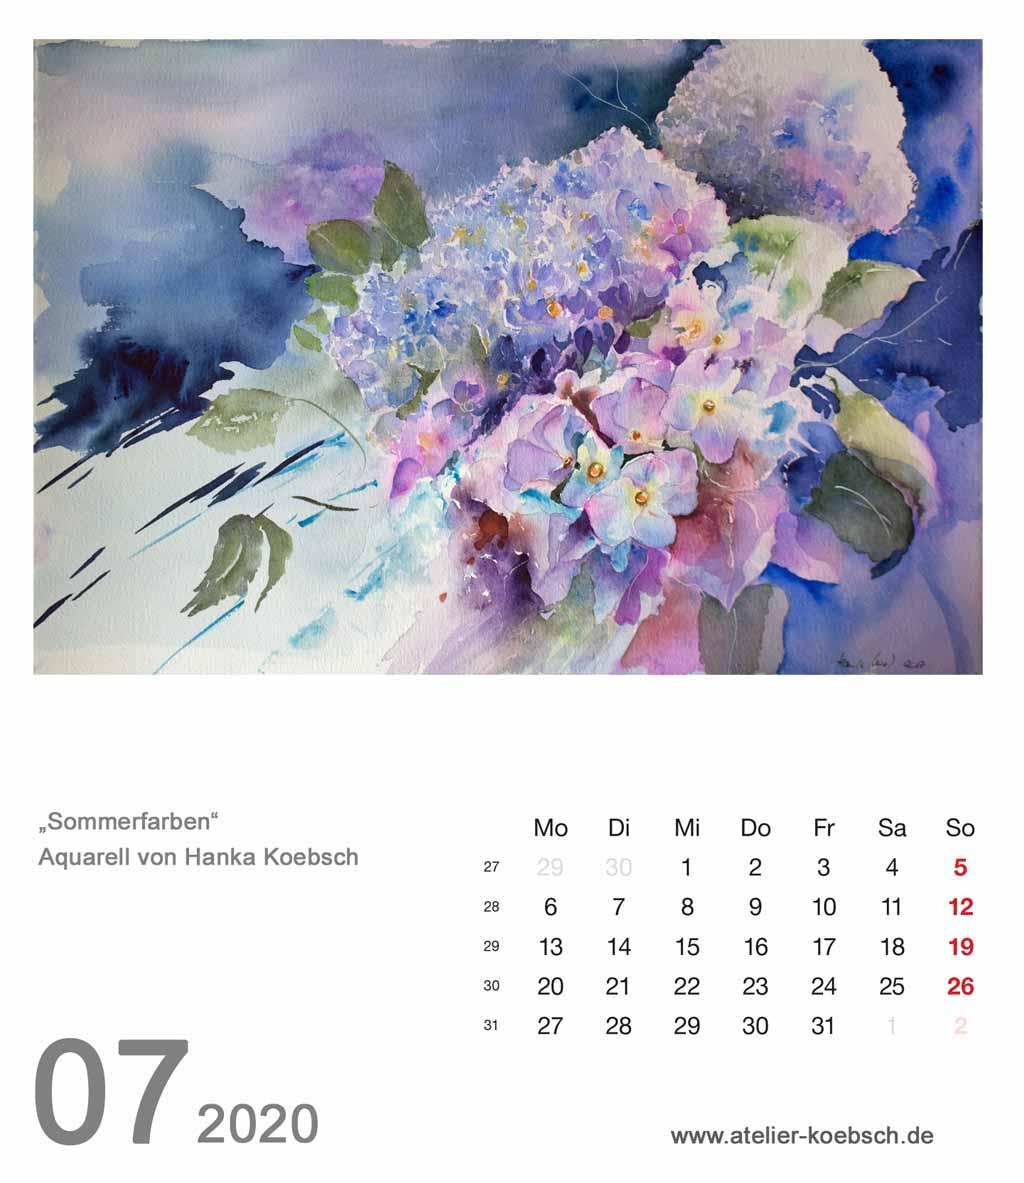 Kalenderblatt Juli 2020 für den Kalender mit Aquarellen von Hanka & Frank Koebsch